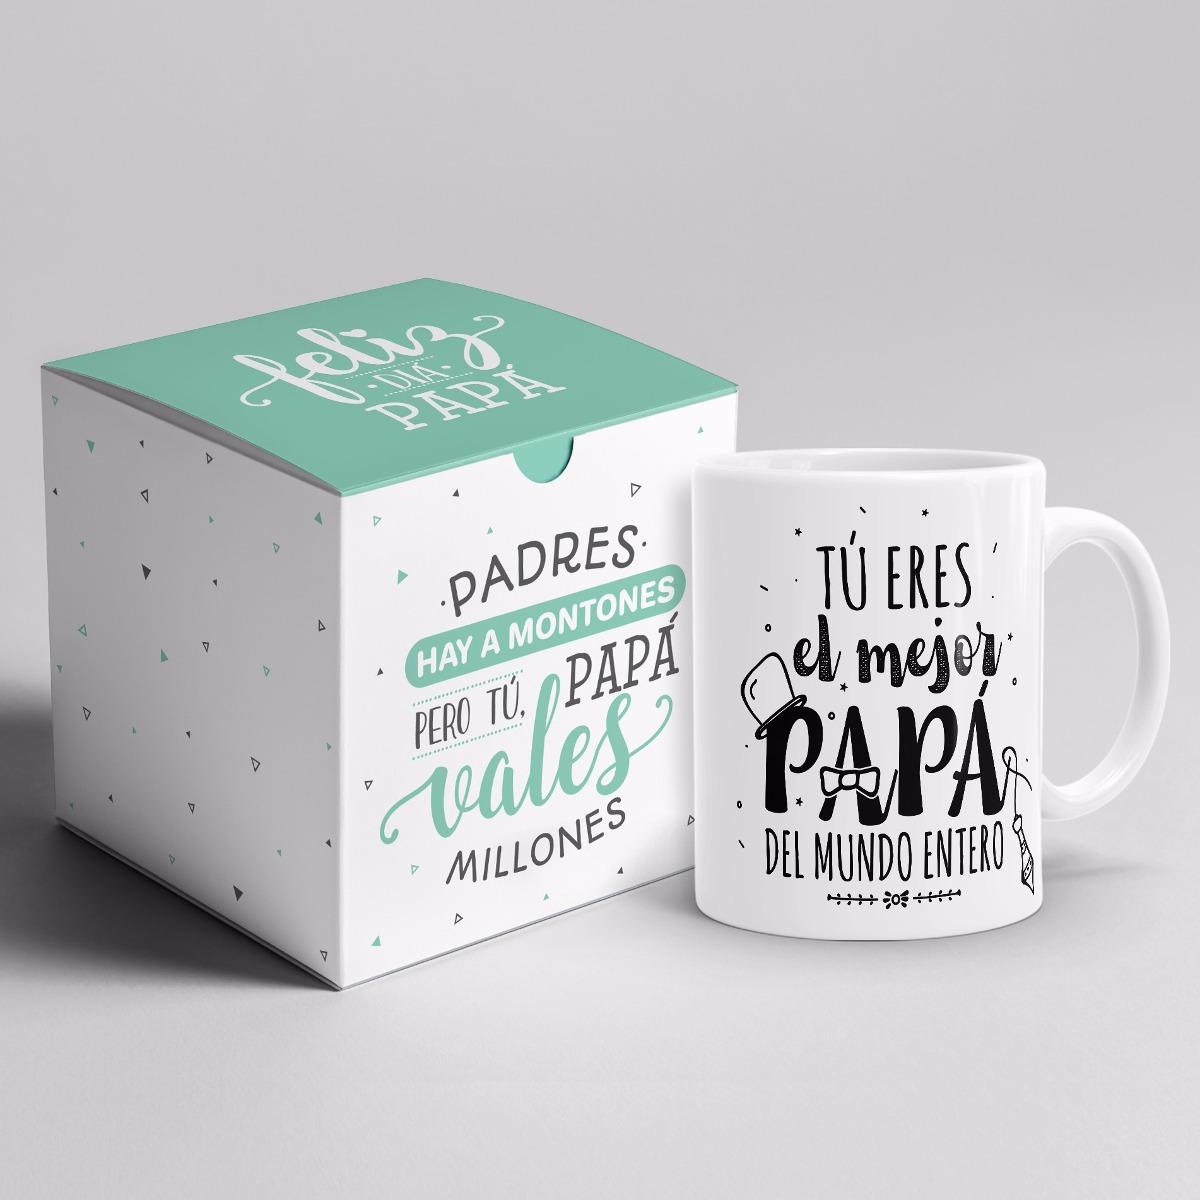 7b6d43c7fd26 tazas dia del padre + cajita regalo original ¡las mejores! Cargando zoom.